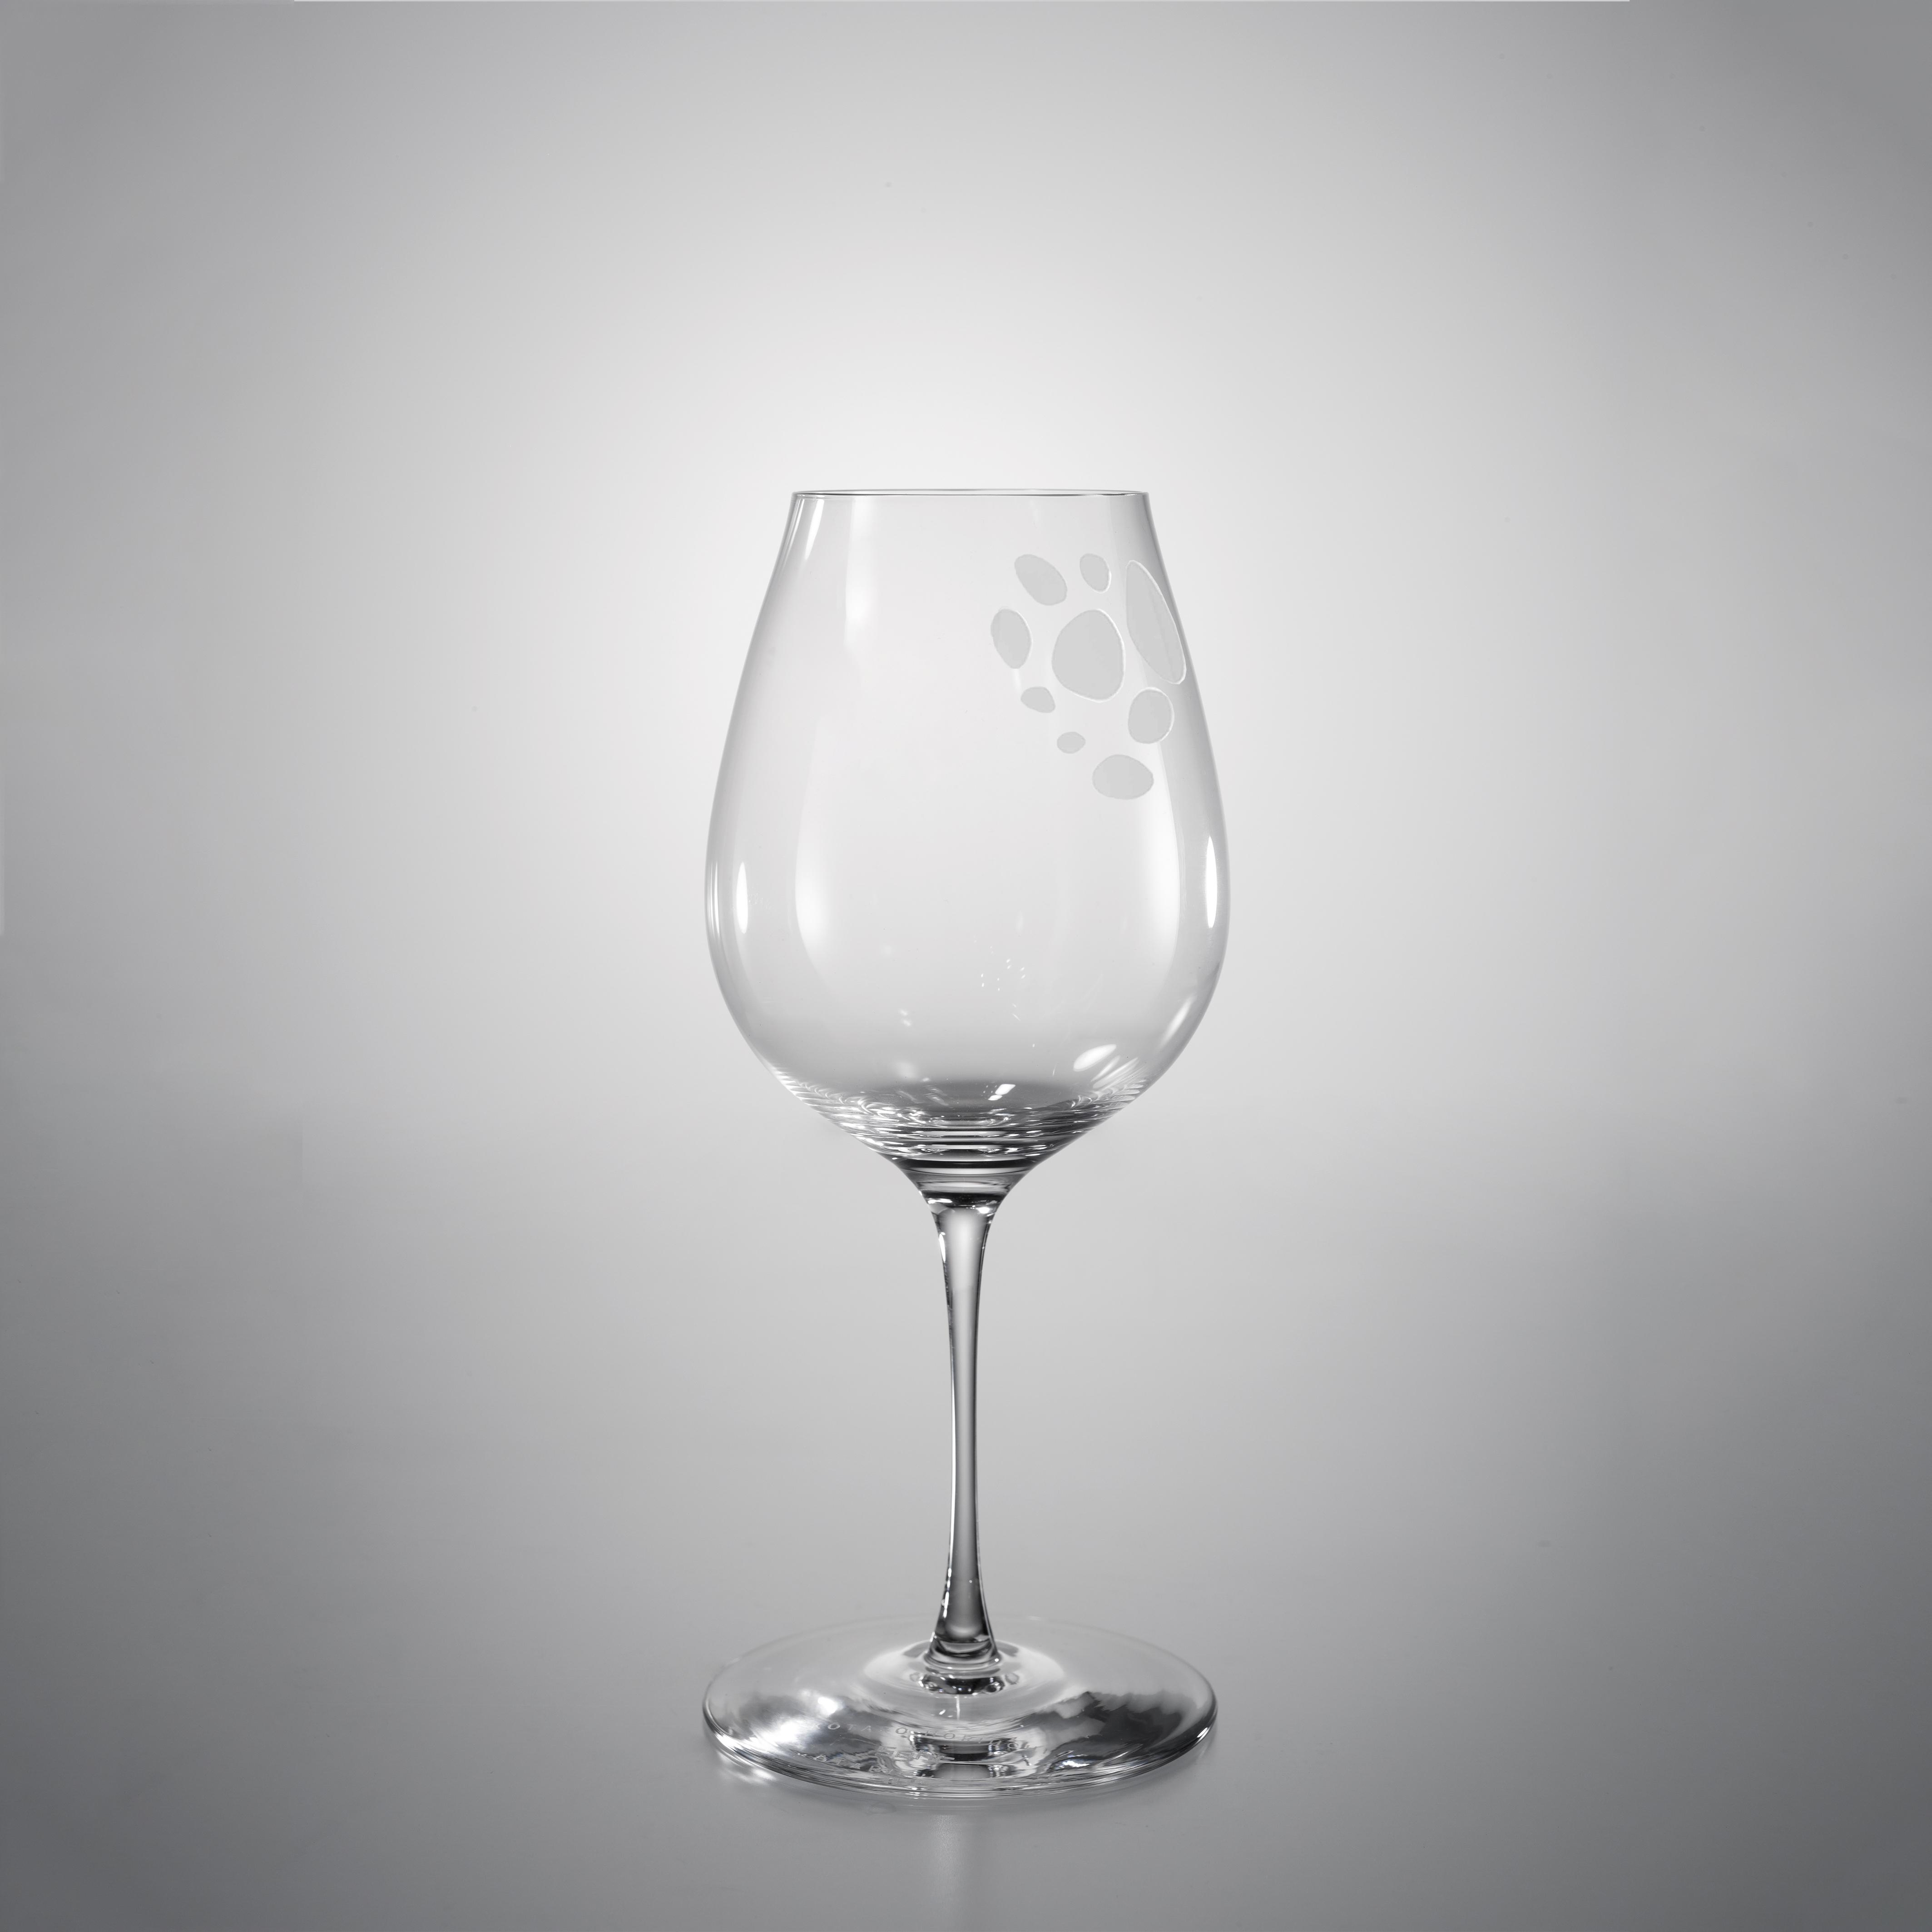 孔グラス [アルザス・サンドブラスト]-  ANA Glass [Alsace/Sand blast]